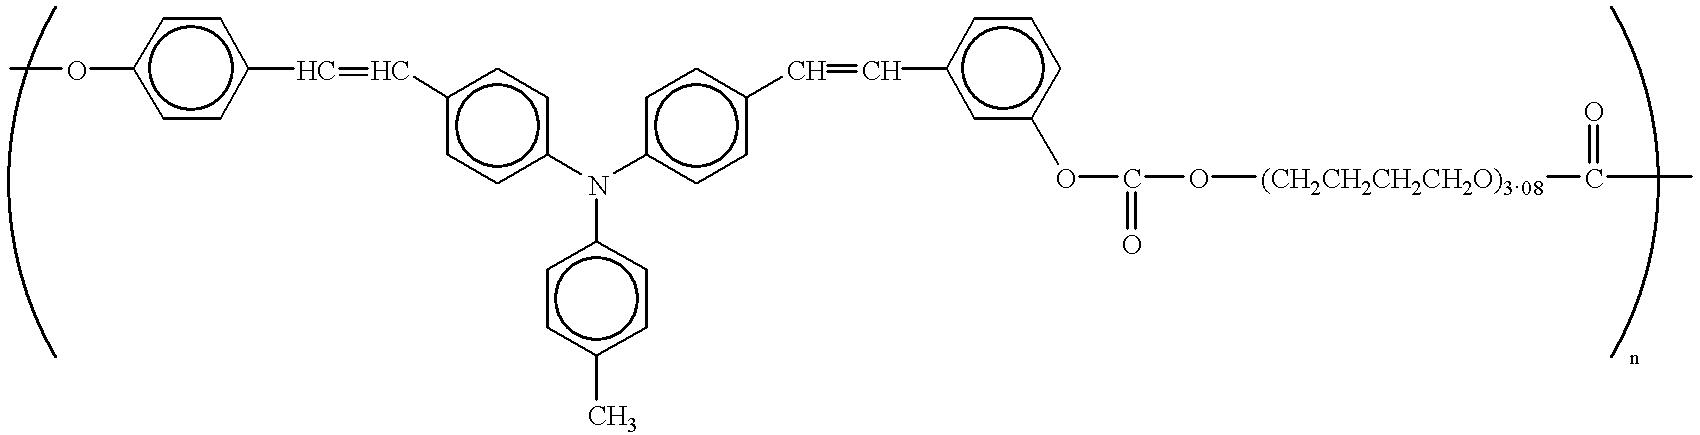 Figure US06558863-20030506-C00071